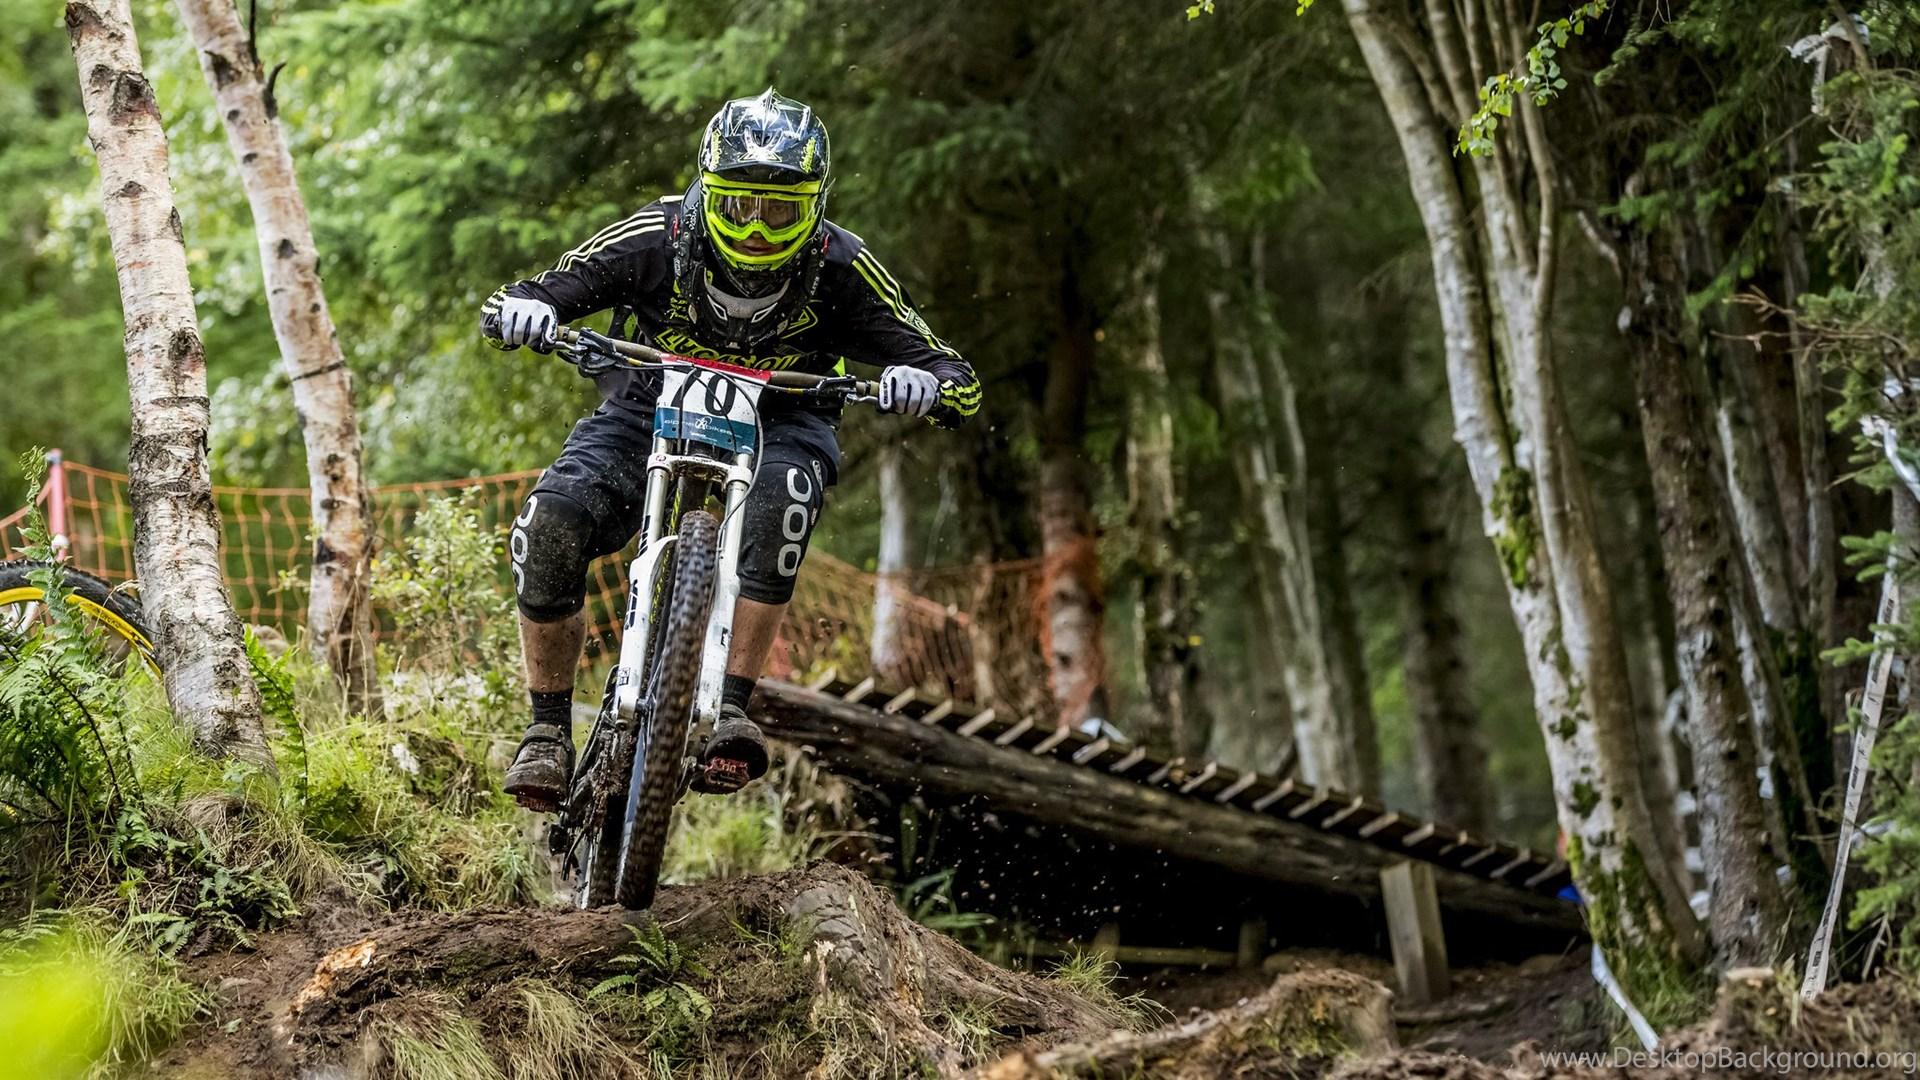 37 Mountain Biking Wallpapers Hd Mountain Bike Hd